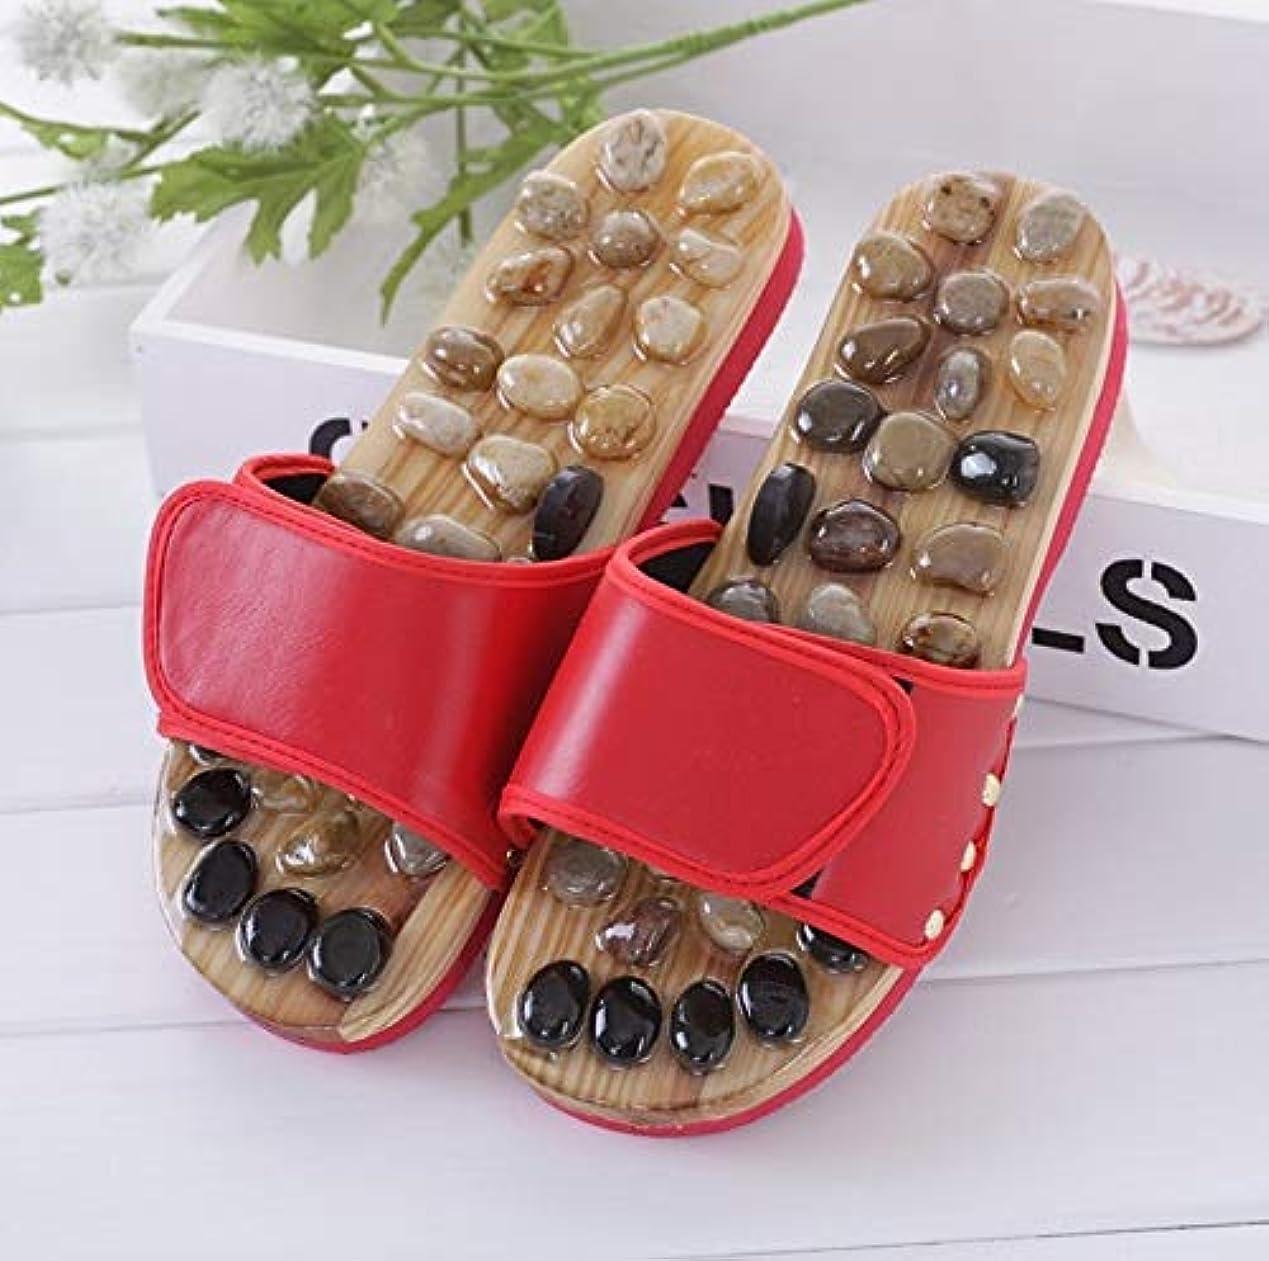 器官機関仮定MASSAGE SLIPPER LUOSAI フィットネスマッサージスリッパ指圧フットマッサージャーアキュポイントマッサージボールスリッパ靴リフレクソロジーサンダル男性と女性 (Size : 38)